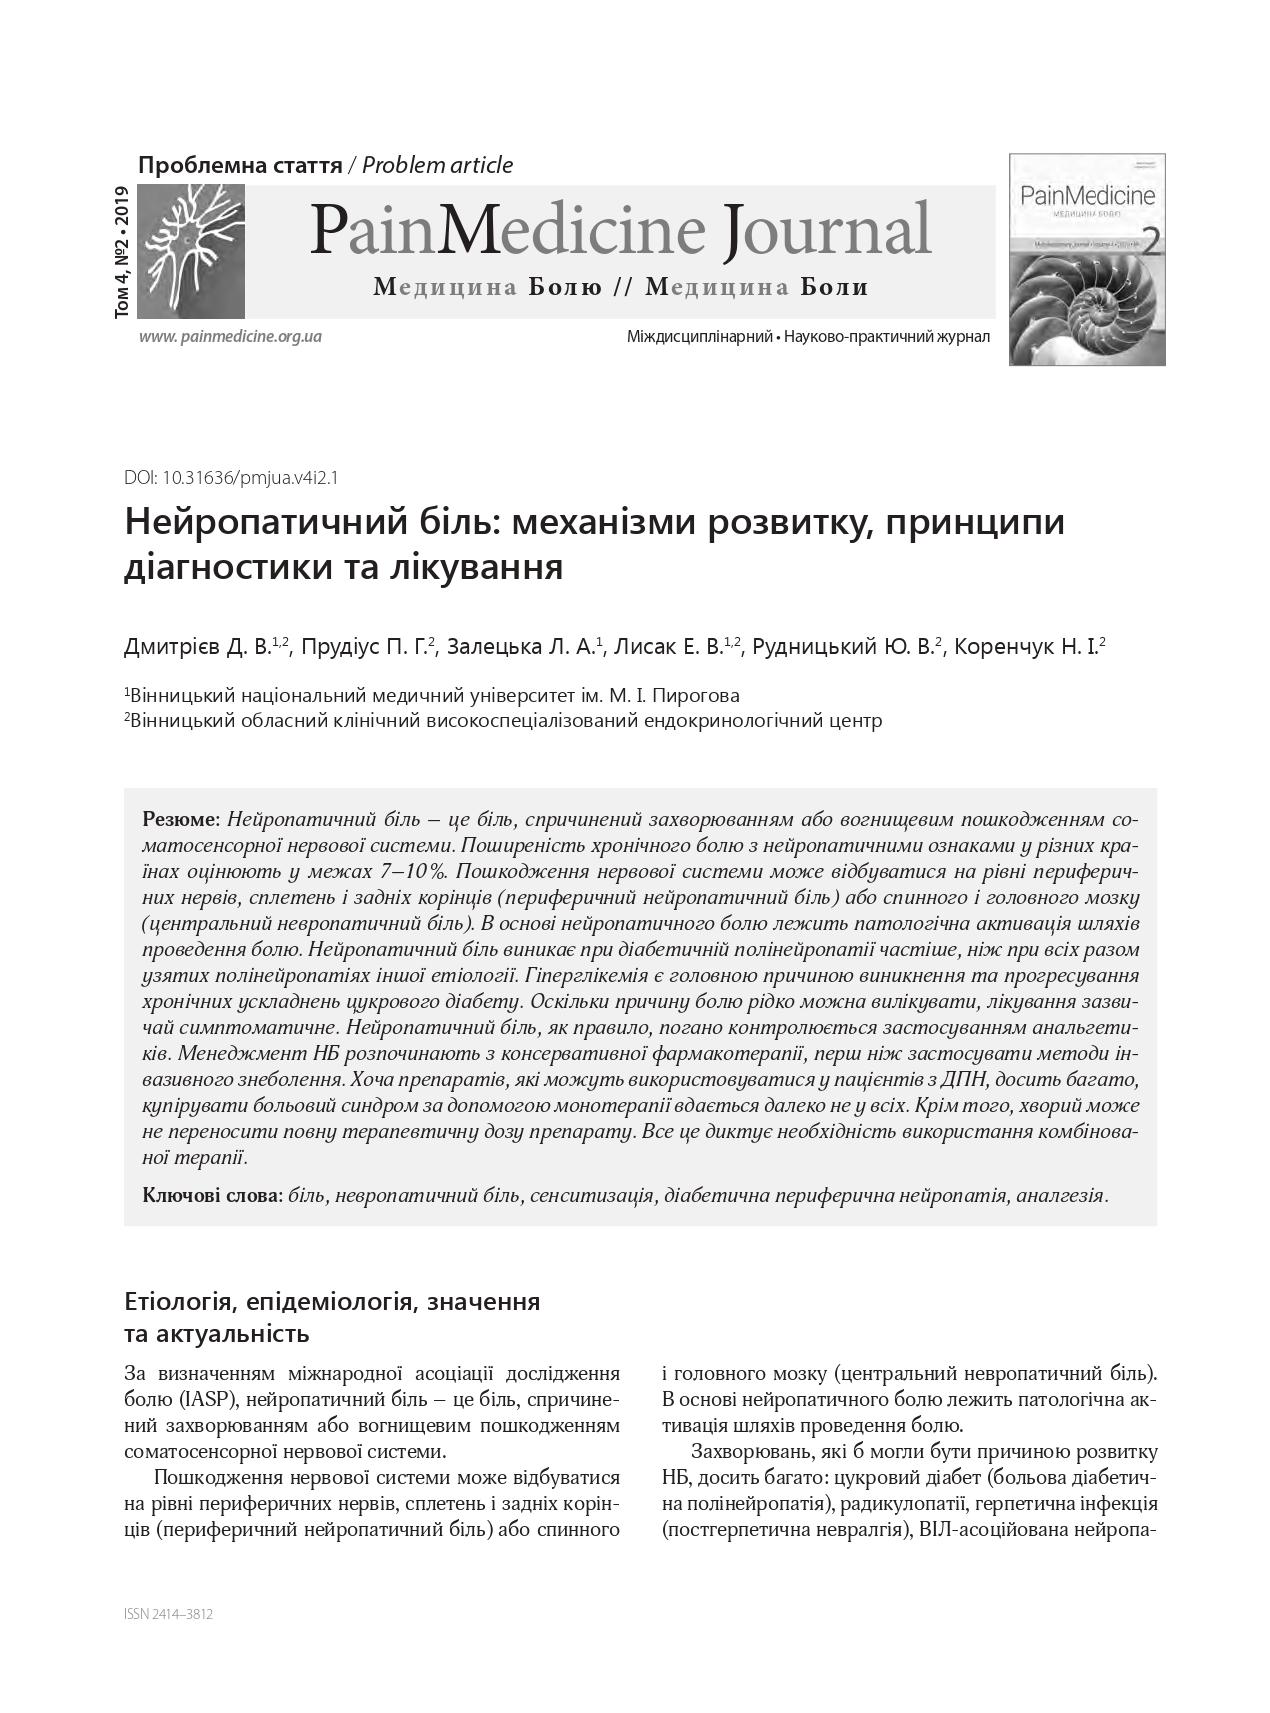 Нейропатичний біль: механізми розвитку, принципи діагностики та лікування